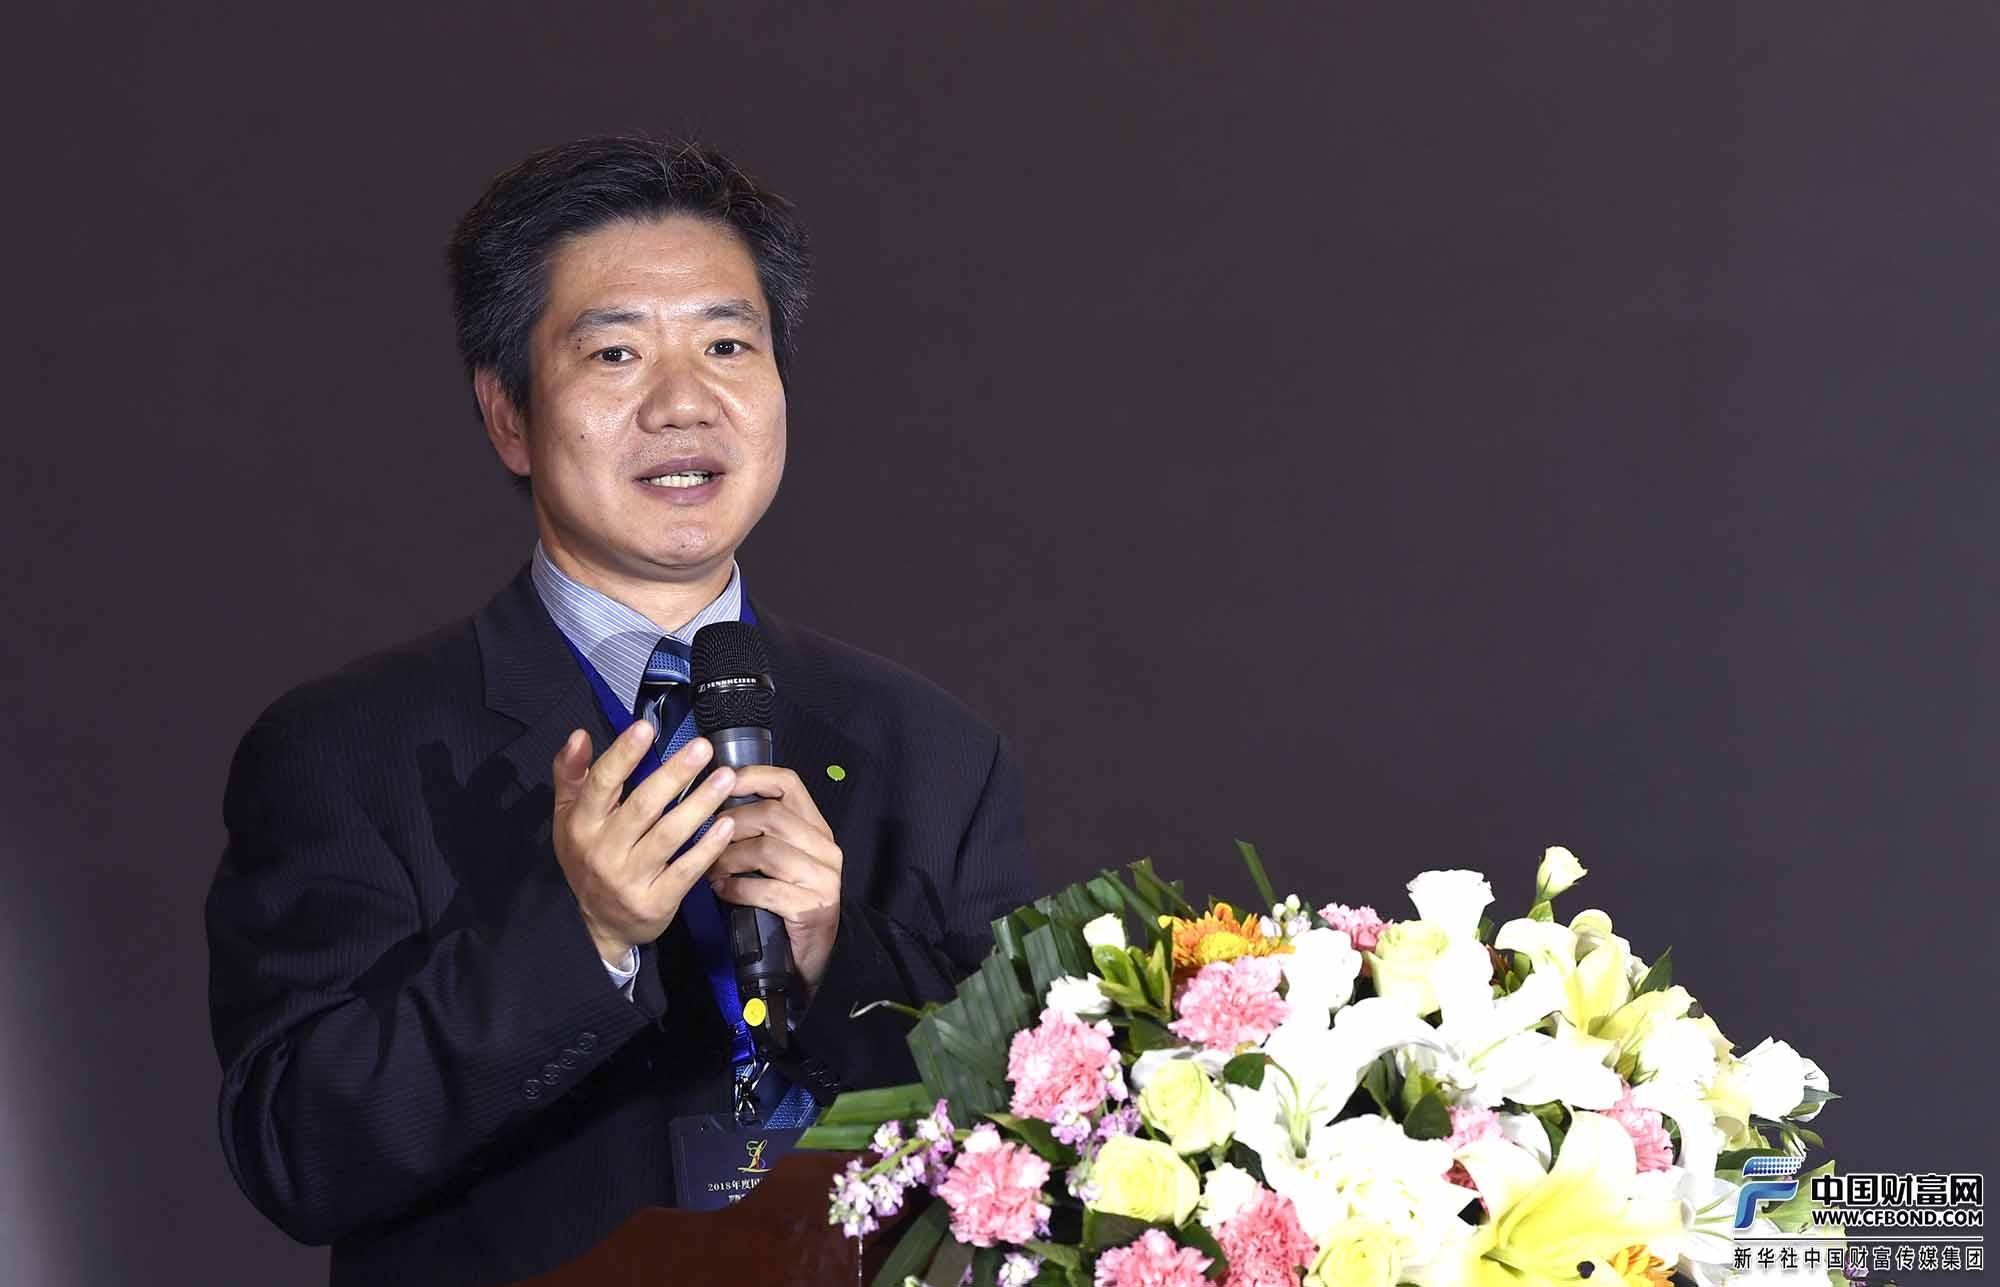 德勤中国合伙人朱桉发表主题演讲